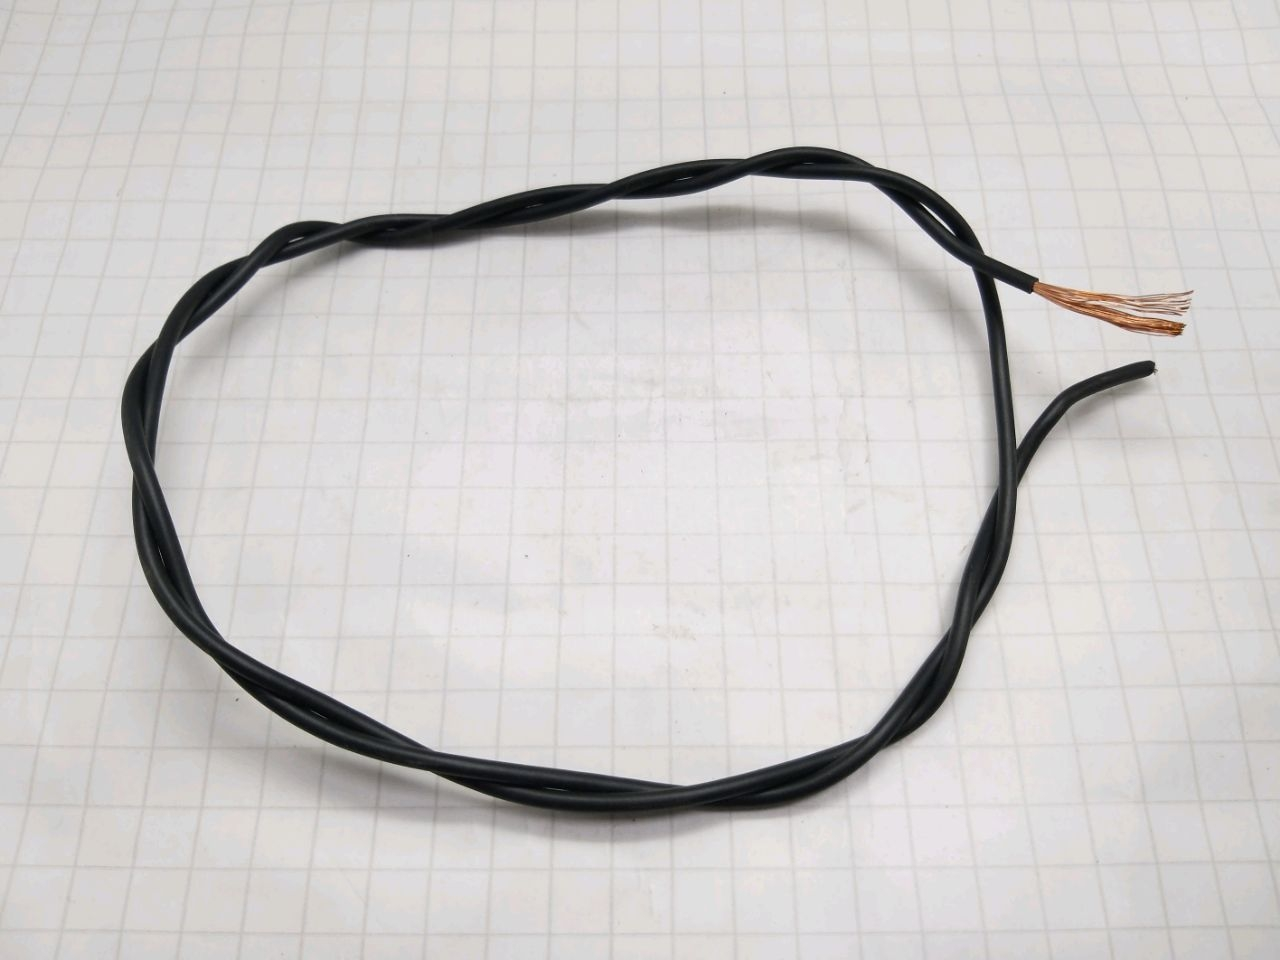 Cablu electric PV-3 1,5 (negru)